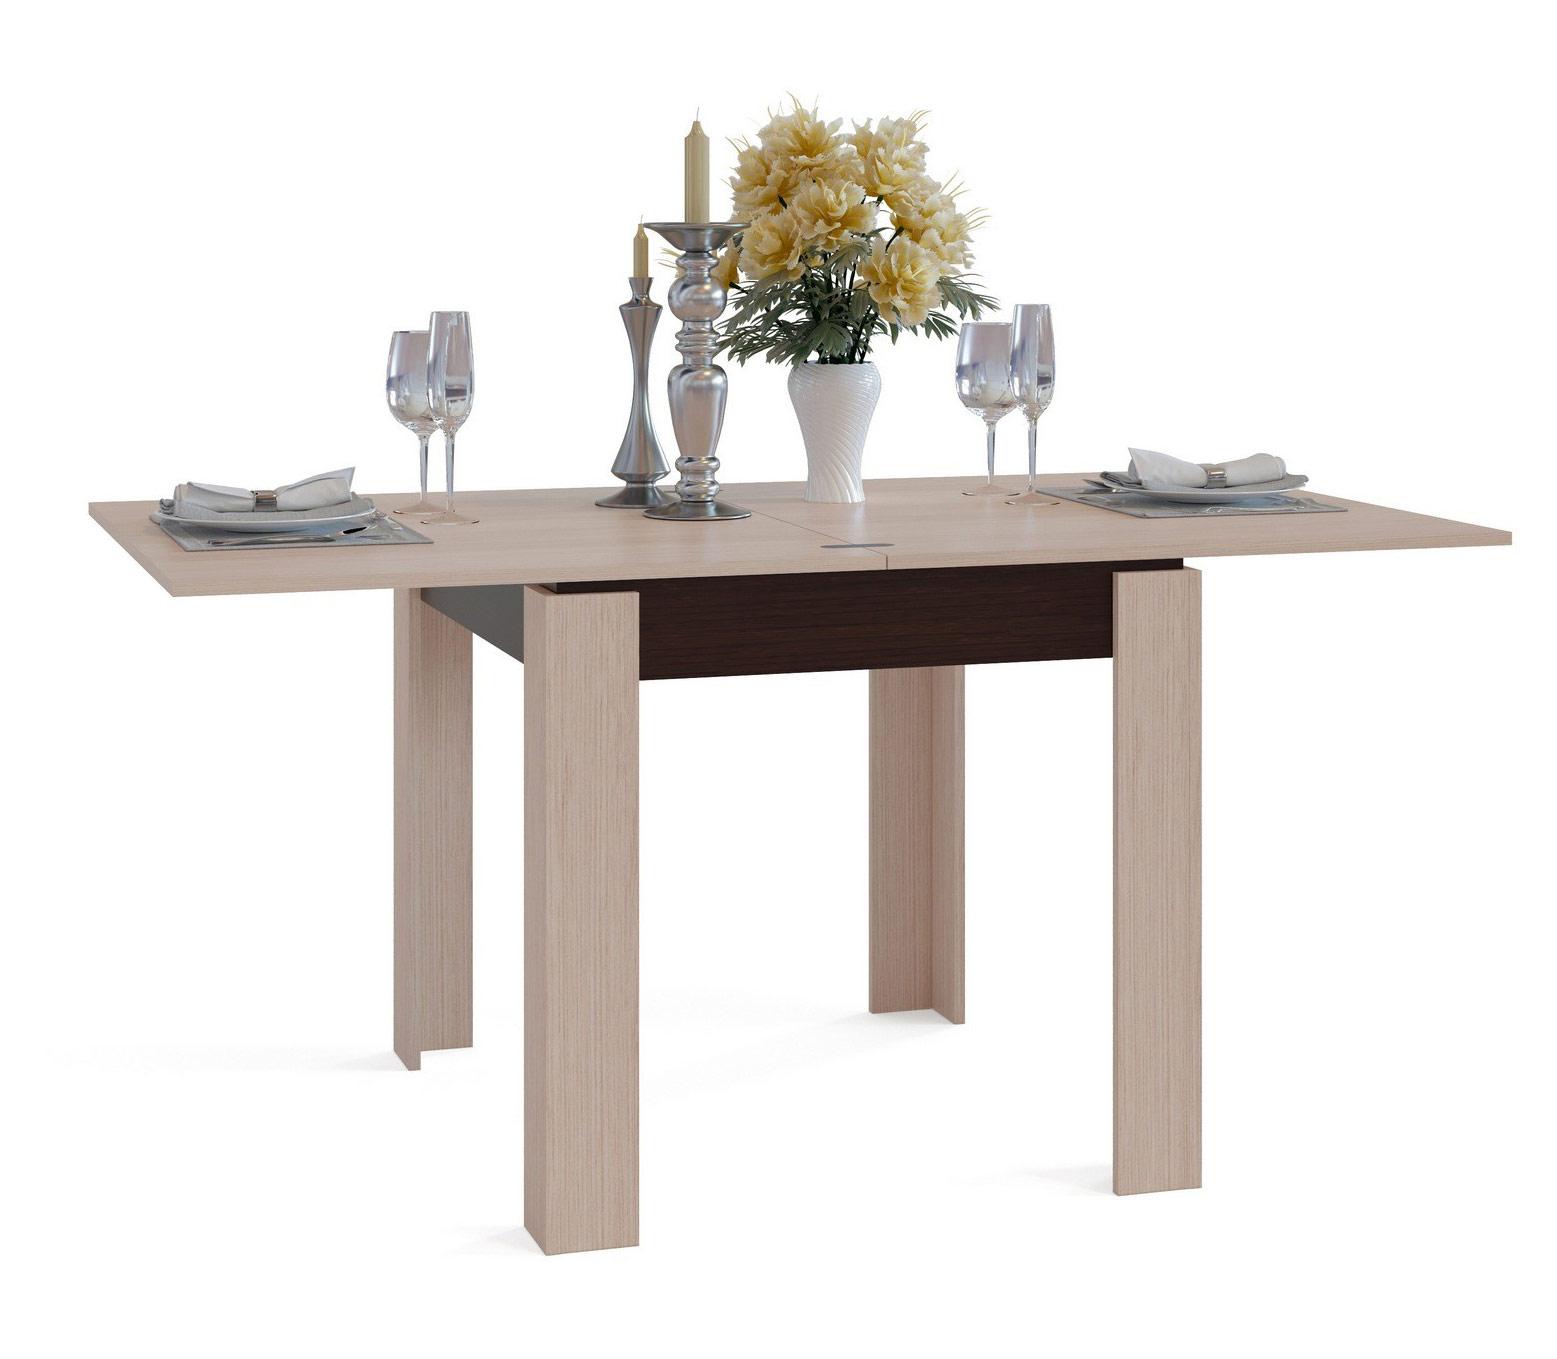 Кухонный стол Сокол СО-2 венге/белёный дуб, 160х90х76 см фото